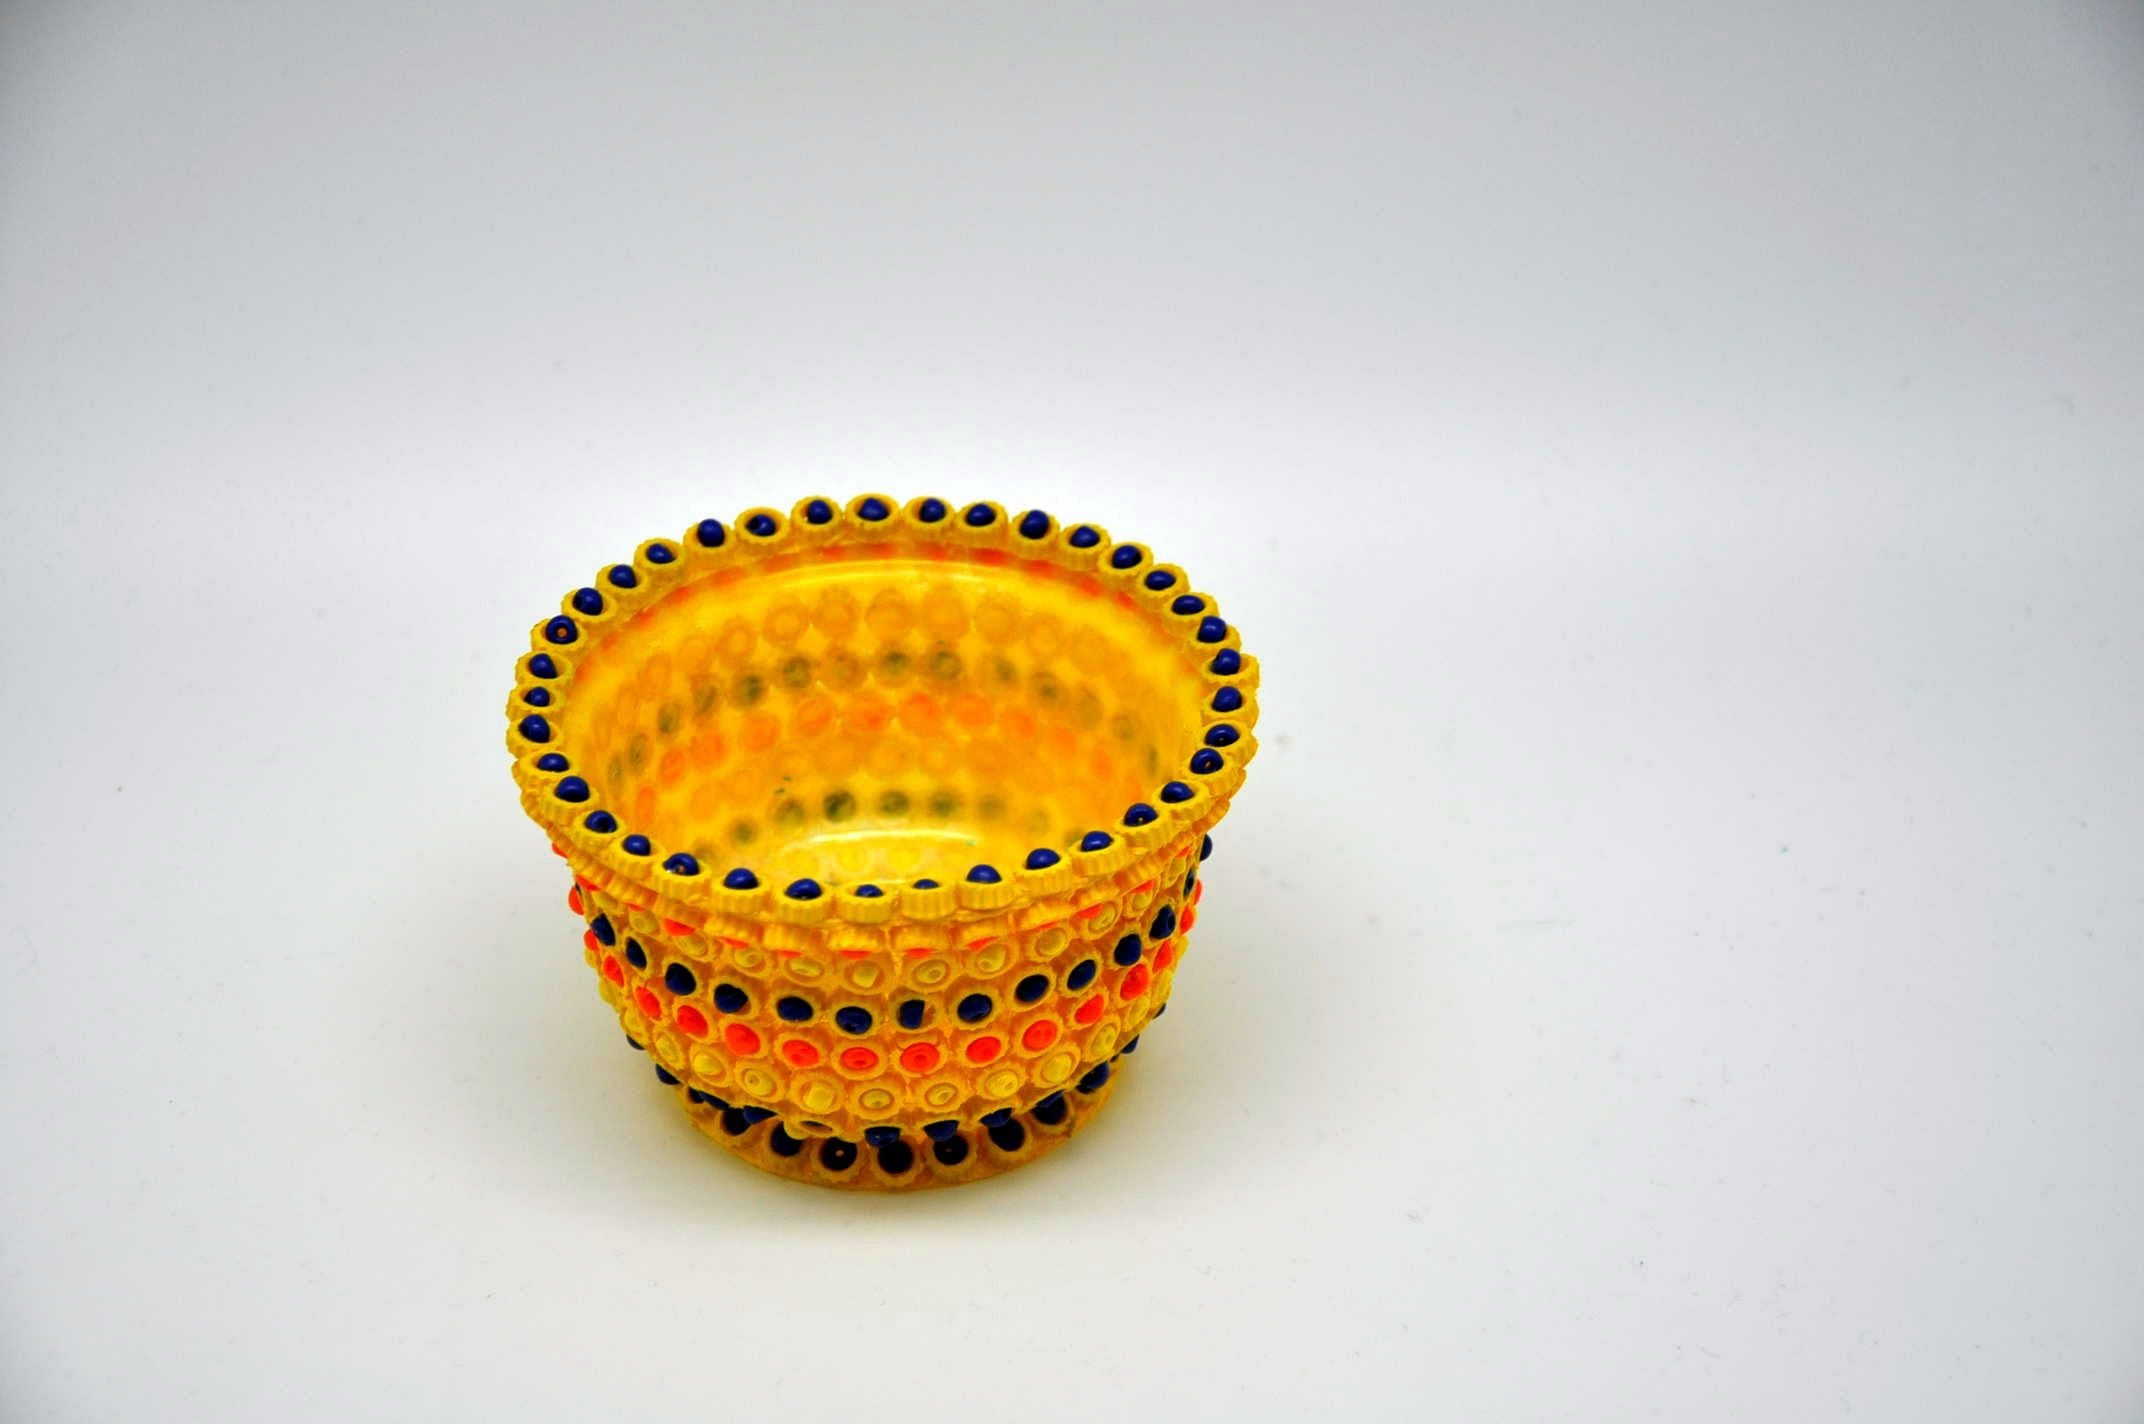 Jak zrobić koszyczek z pojemnika PET # DIY Recycled crafts